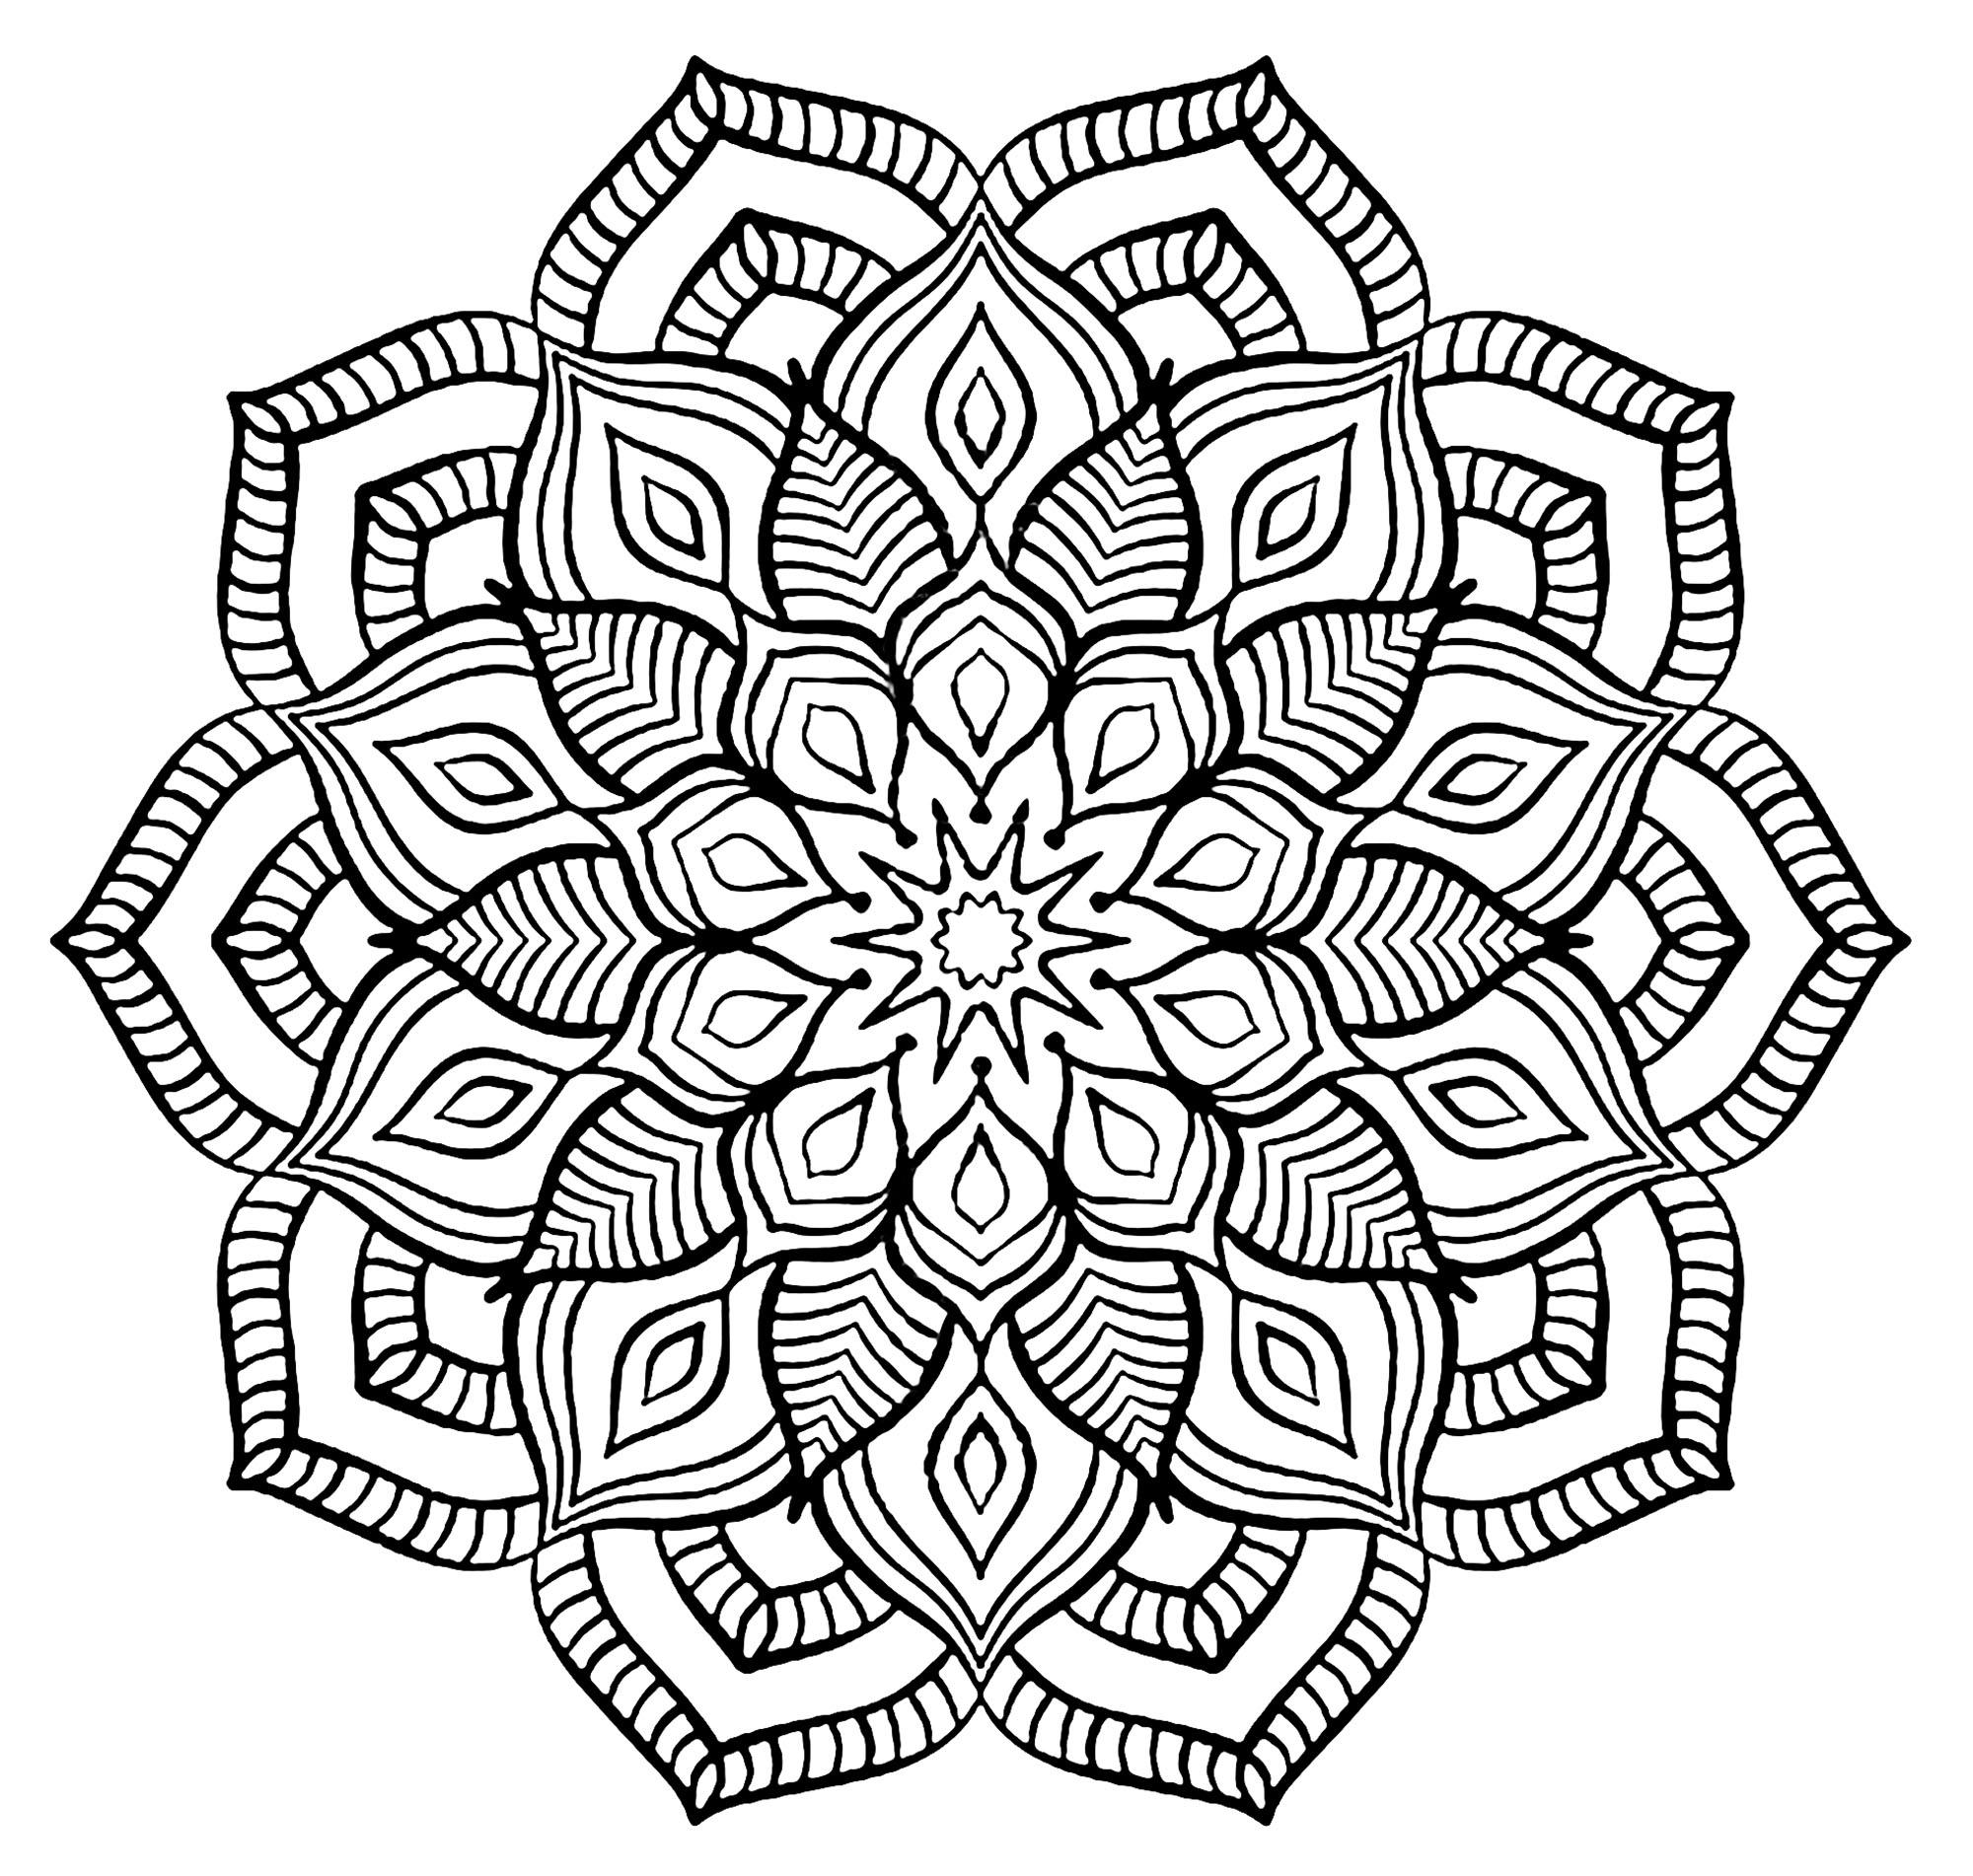 Mandala Grosse Fleur - Mandalas - Coloriages Difficiles tout Coloriage Mandala